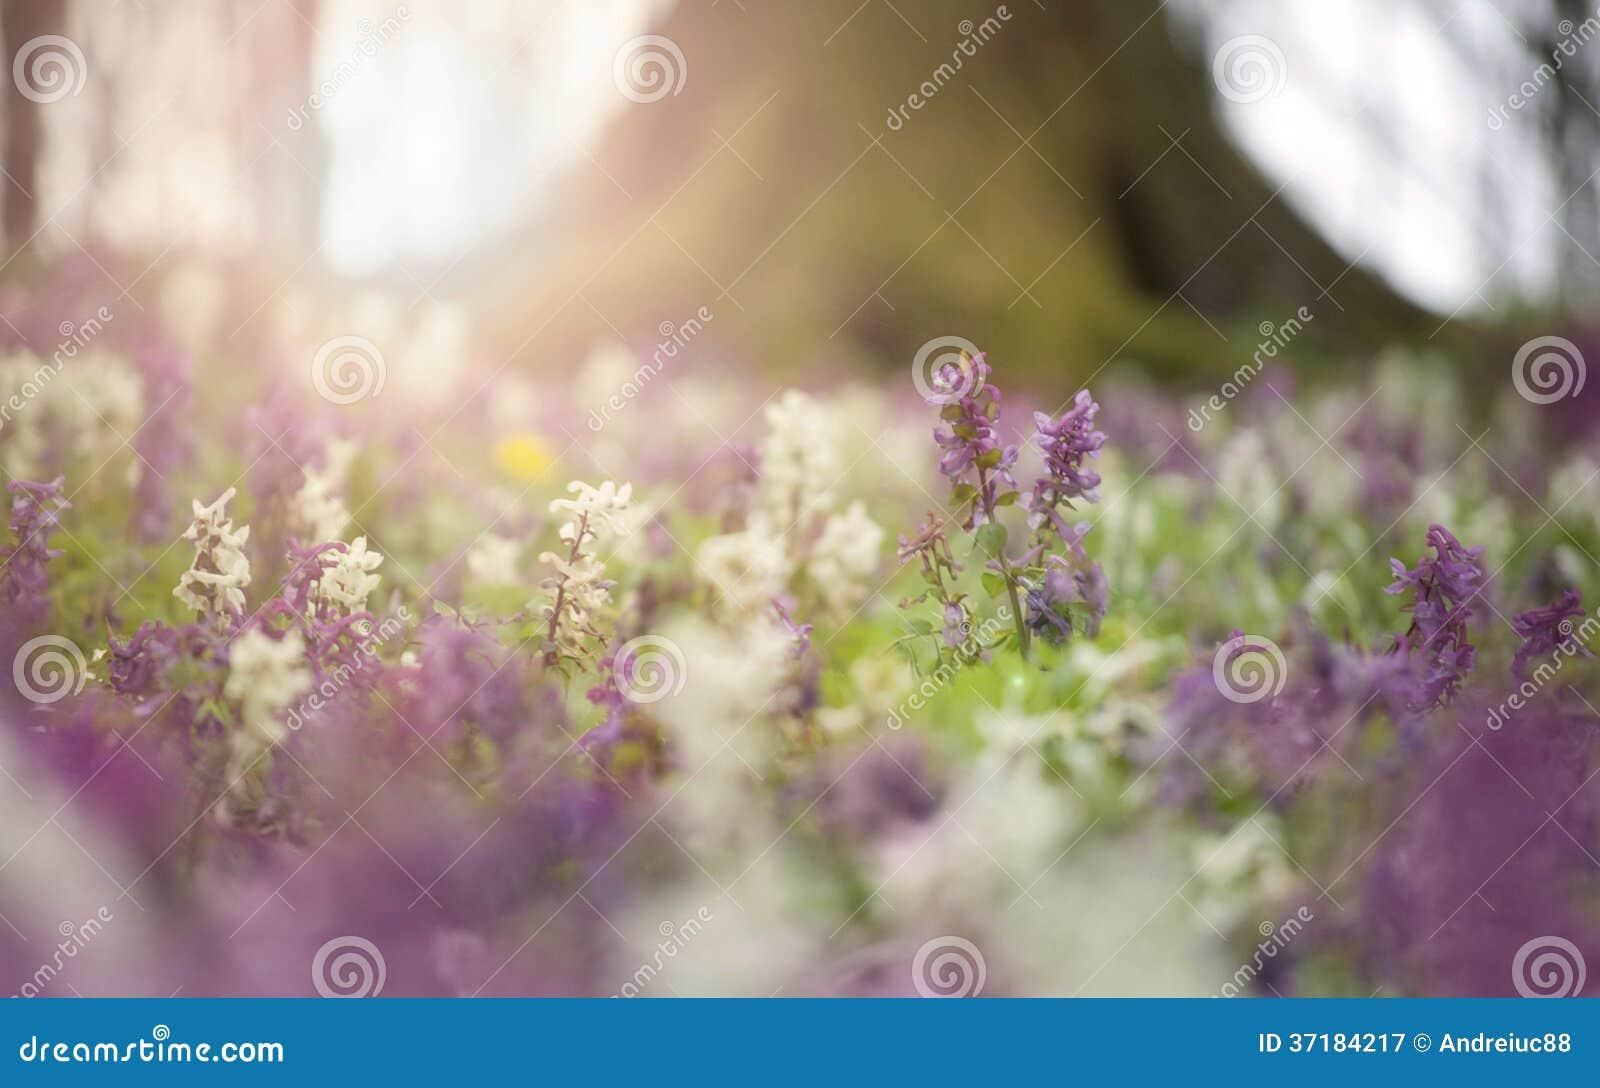 Blommor i blom i en skog i vår